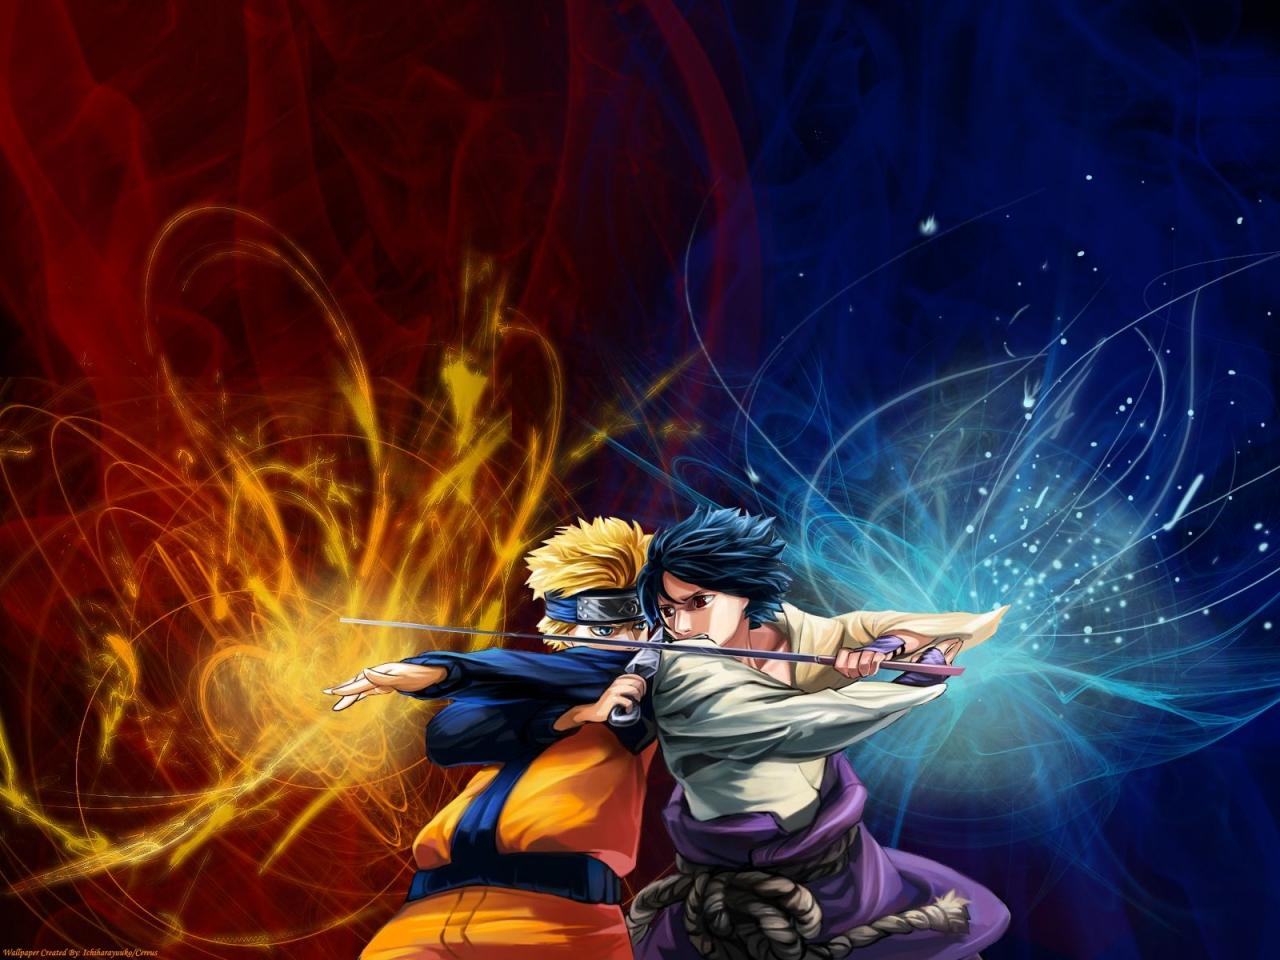 WallpapersKu Naruto vs Sasuke Wallpapers 1280x960